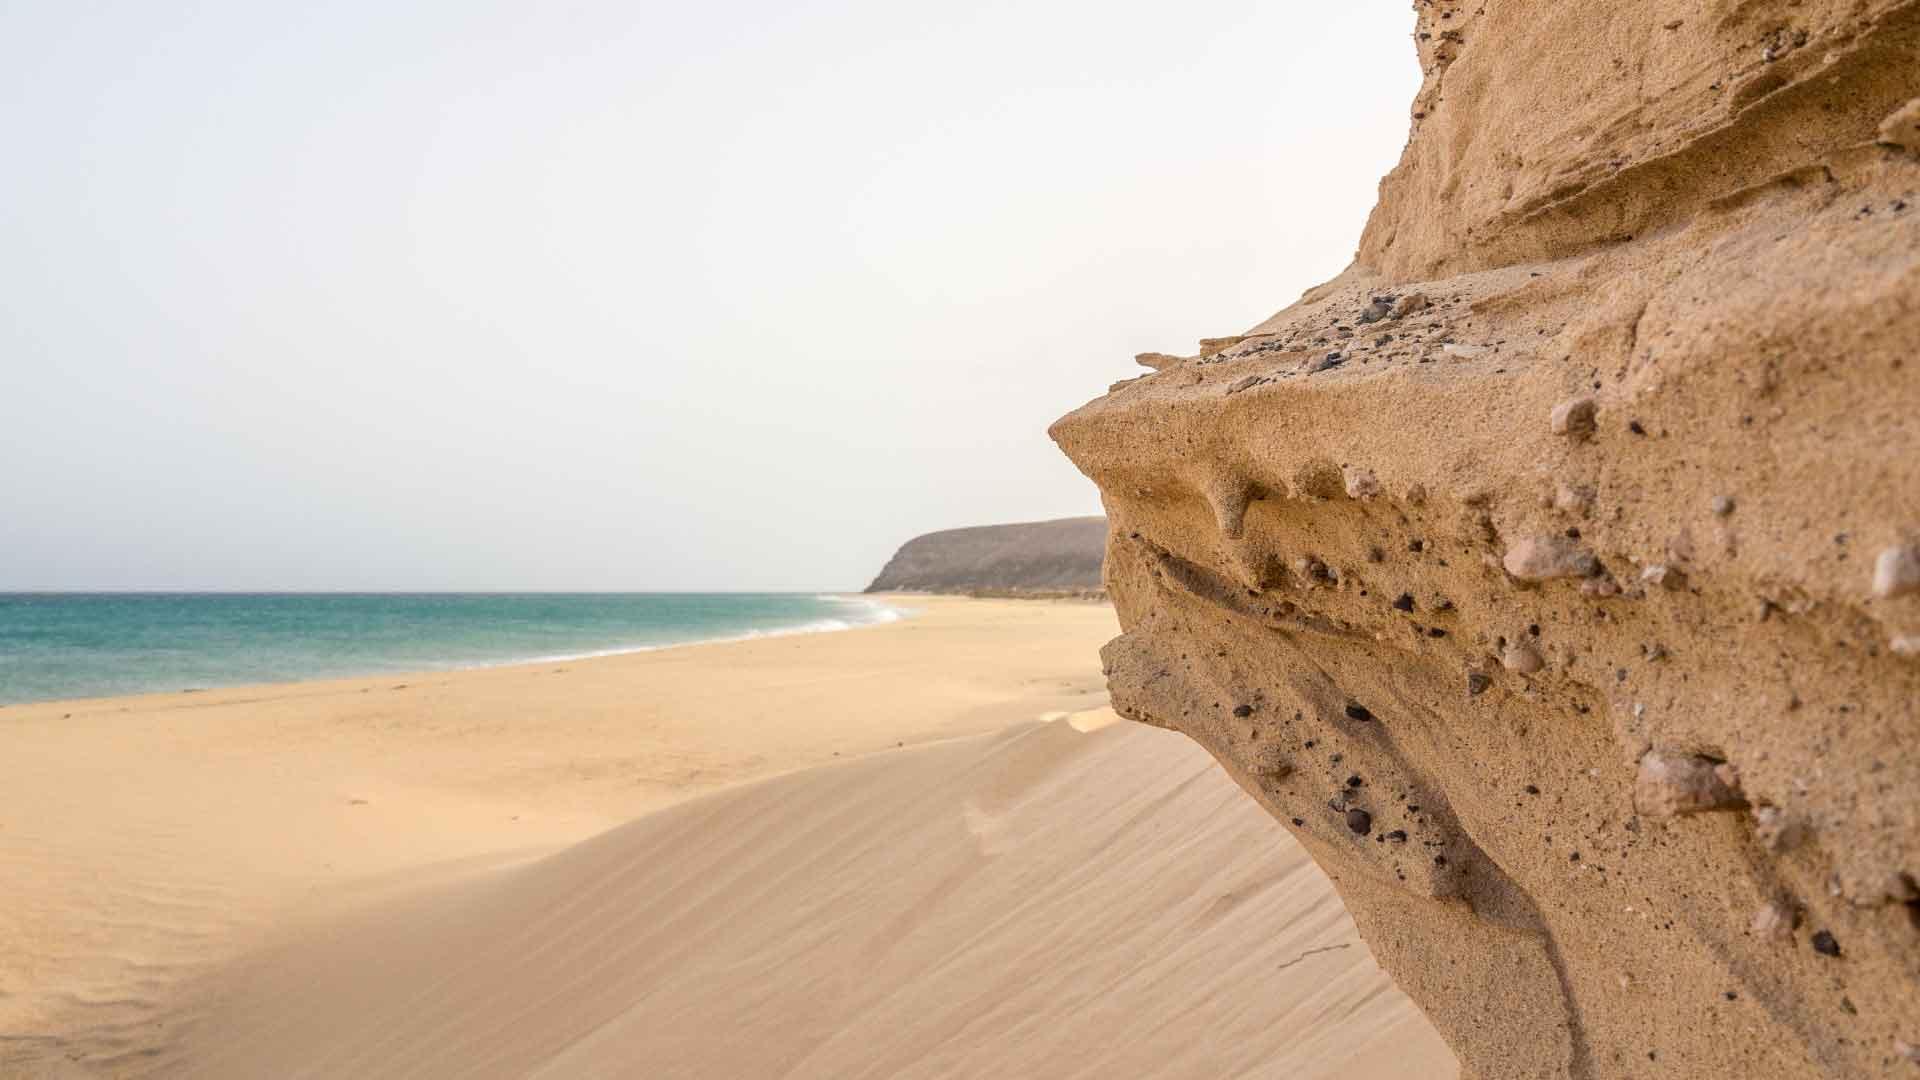 playa de canarias